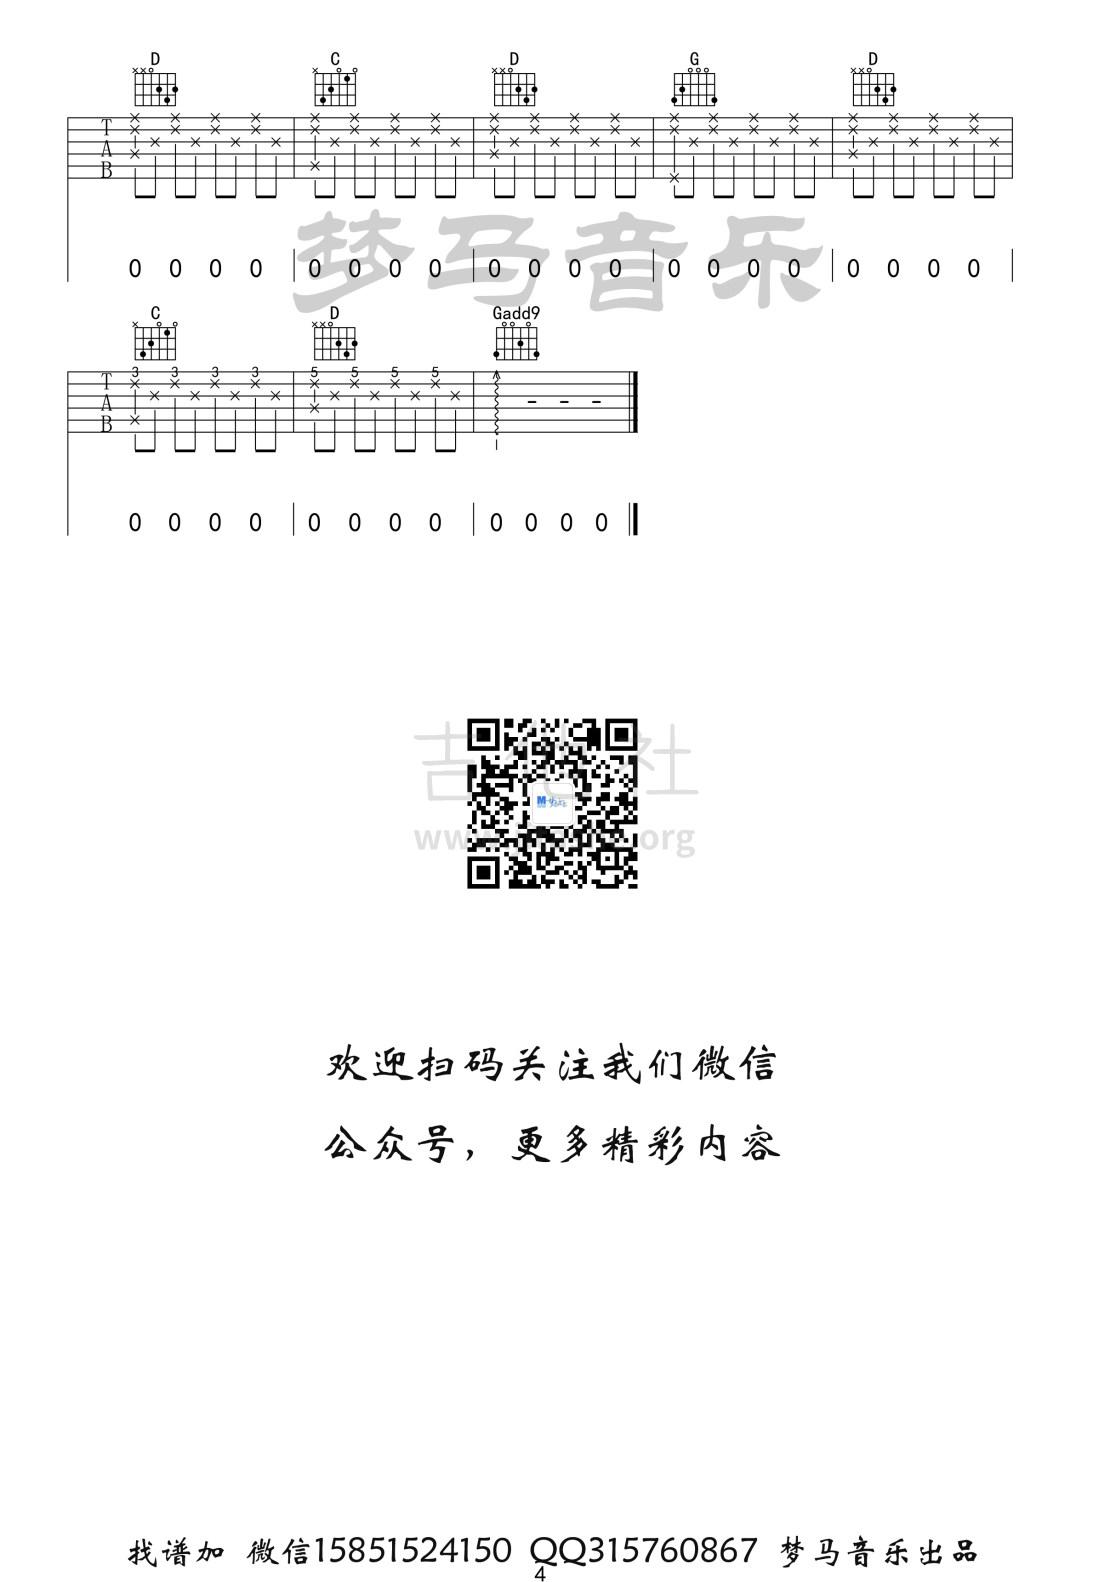 岁月神偷吉他谱(图片谱,弹唱)_金玟岐_岁月神偷-4.jpg